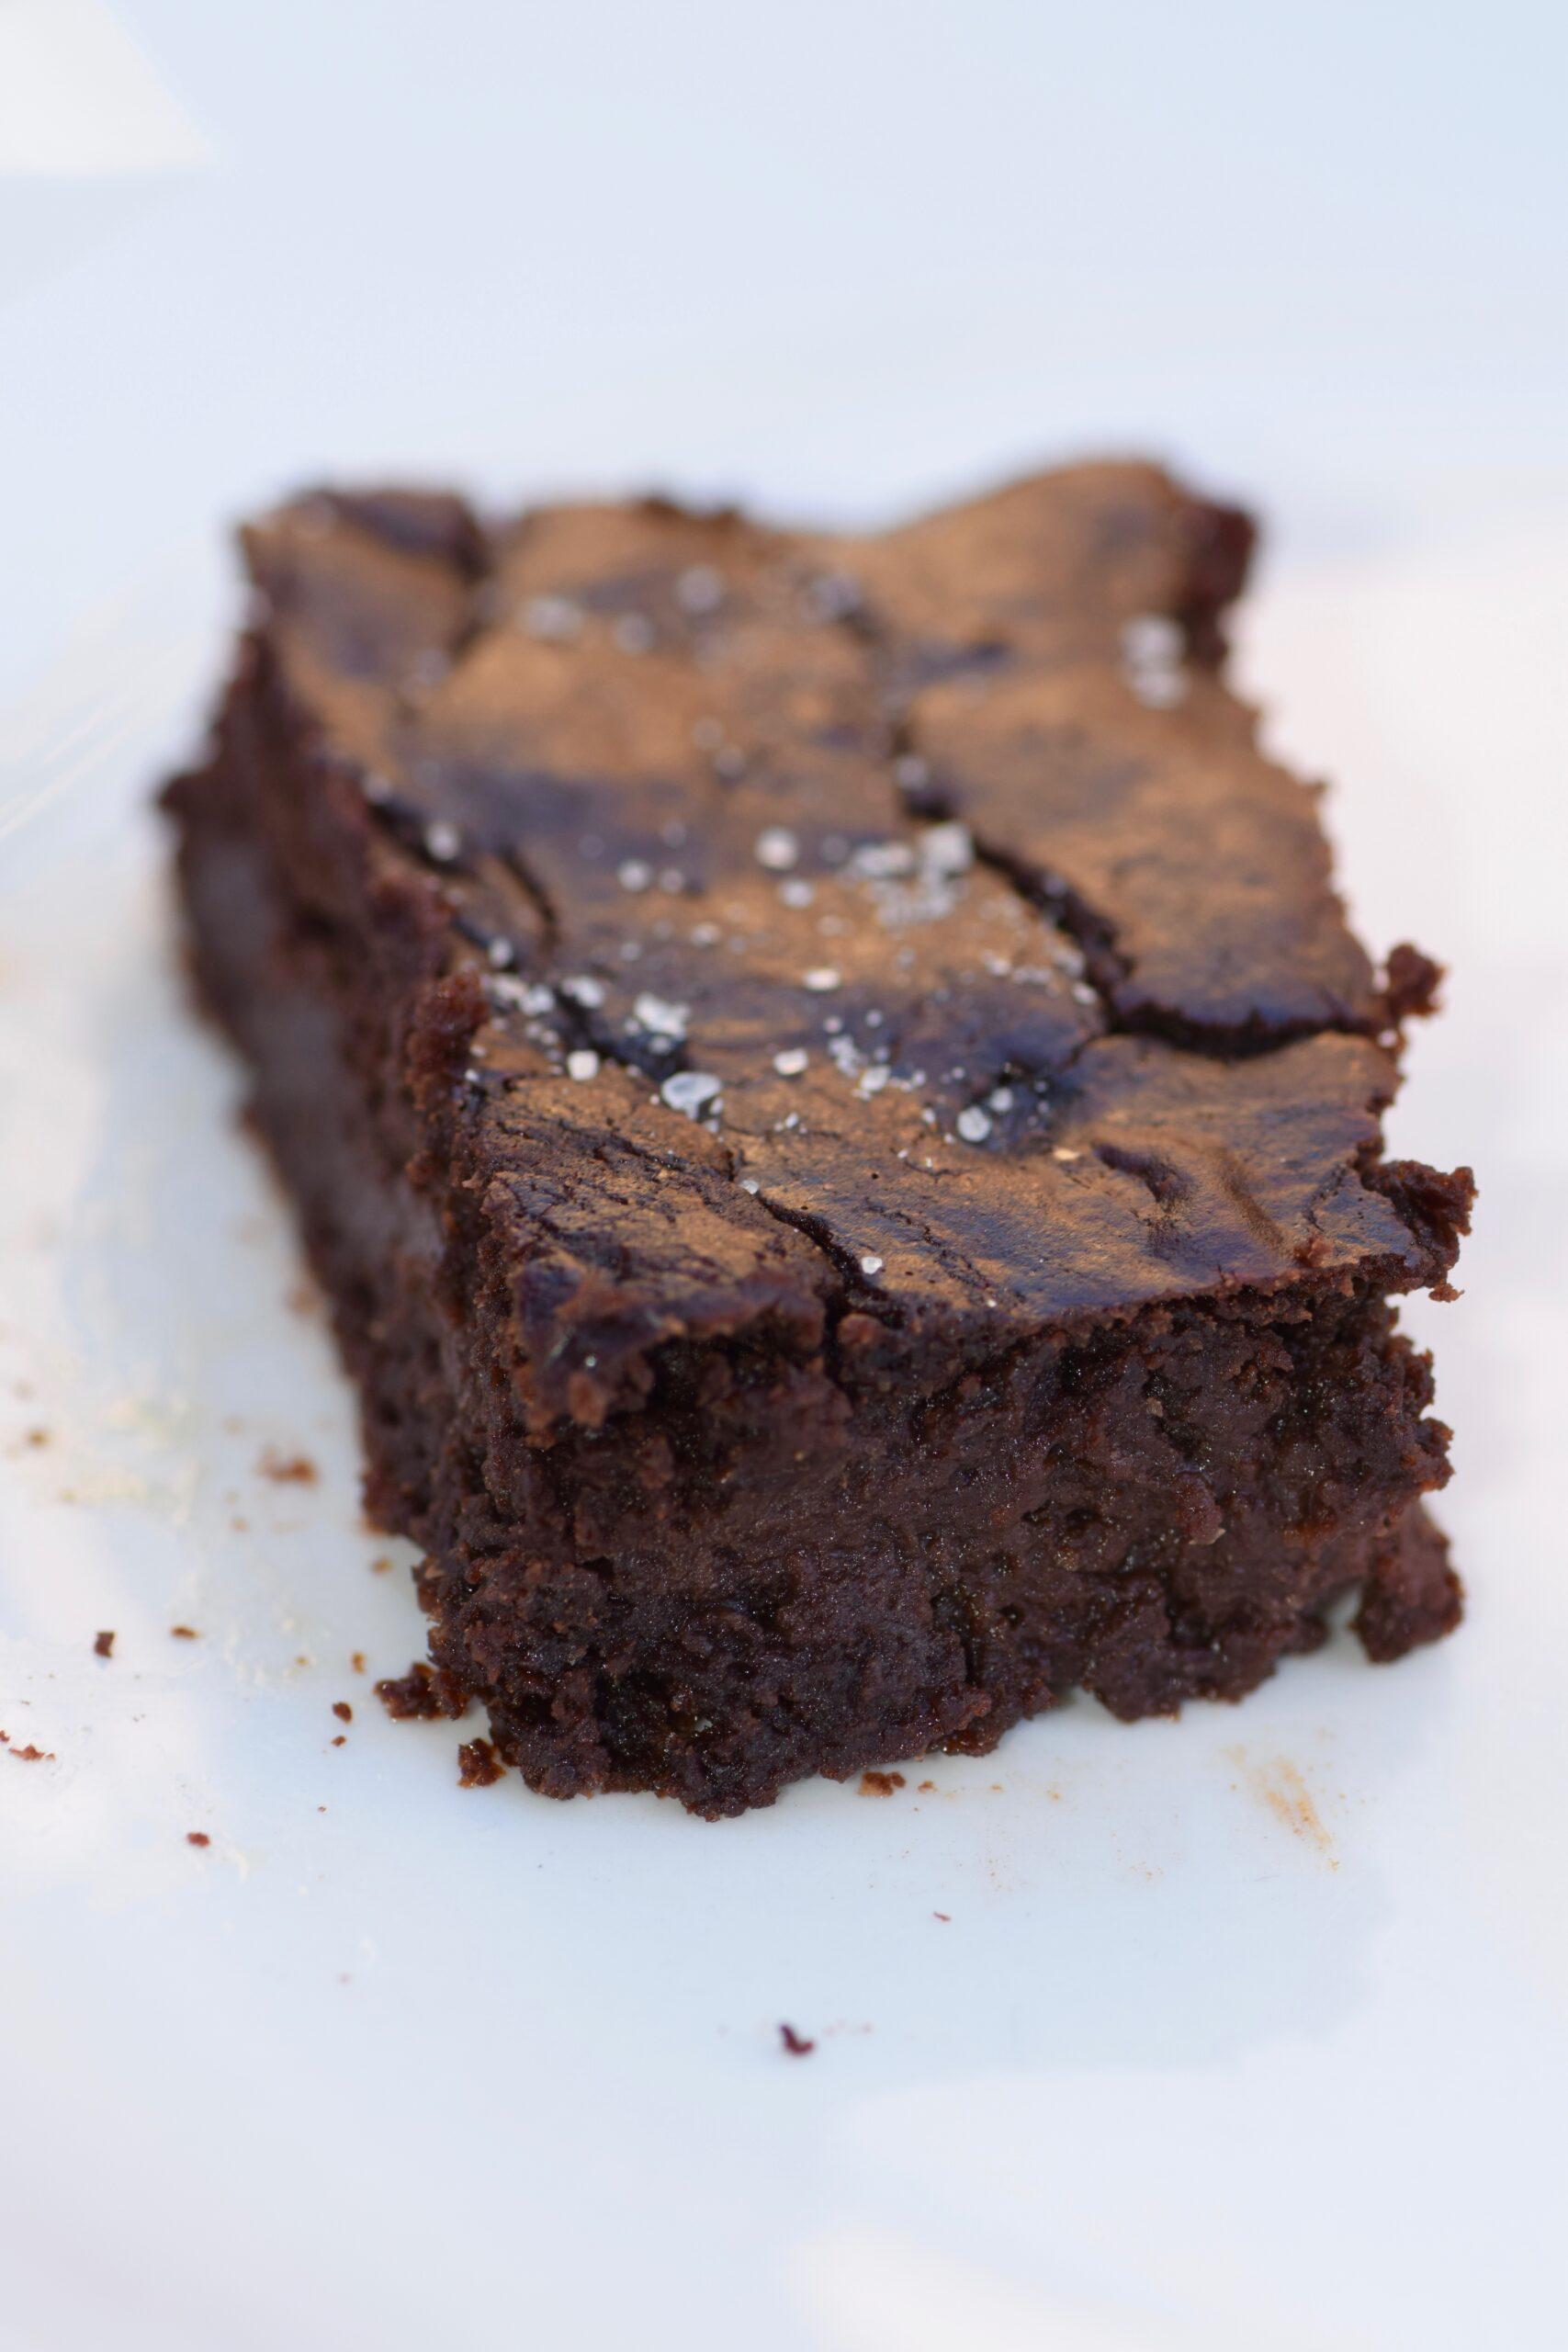 Lentil Chocolate fudgy brownies